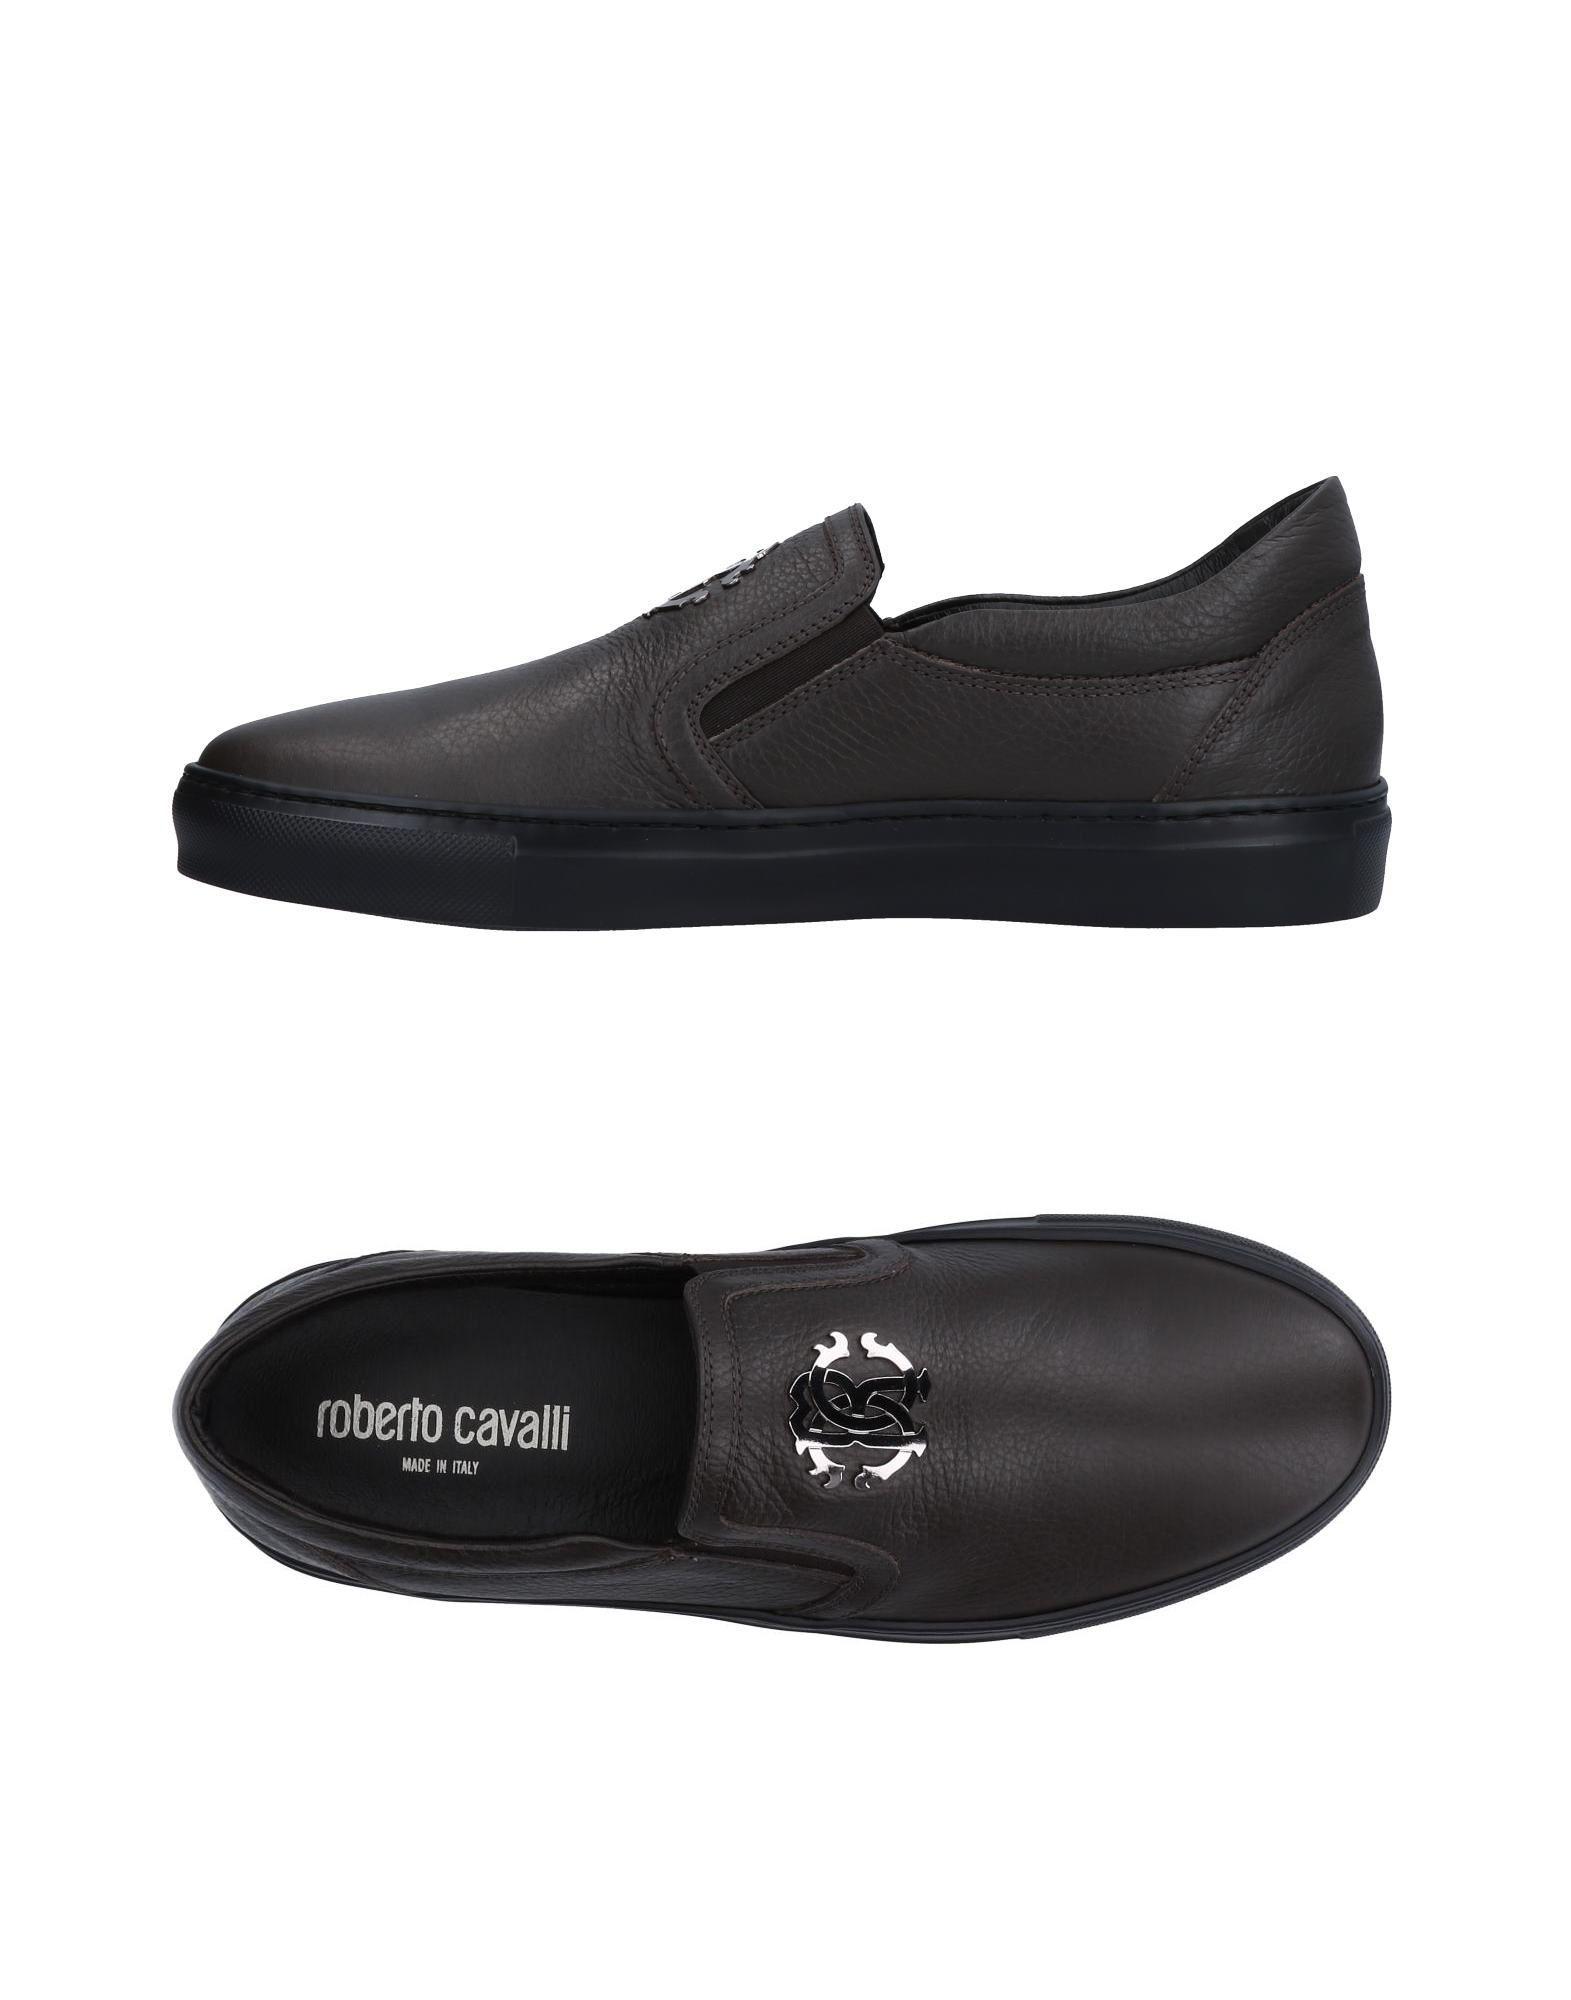 Roberto Cavalli Sneakers Herren  11517346LL Gute Qualität beliebte Schuhe